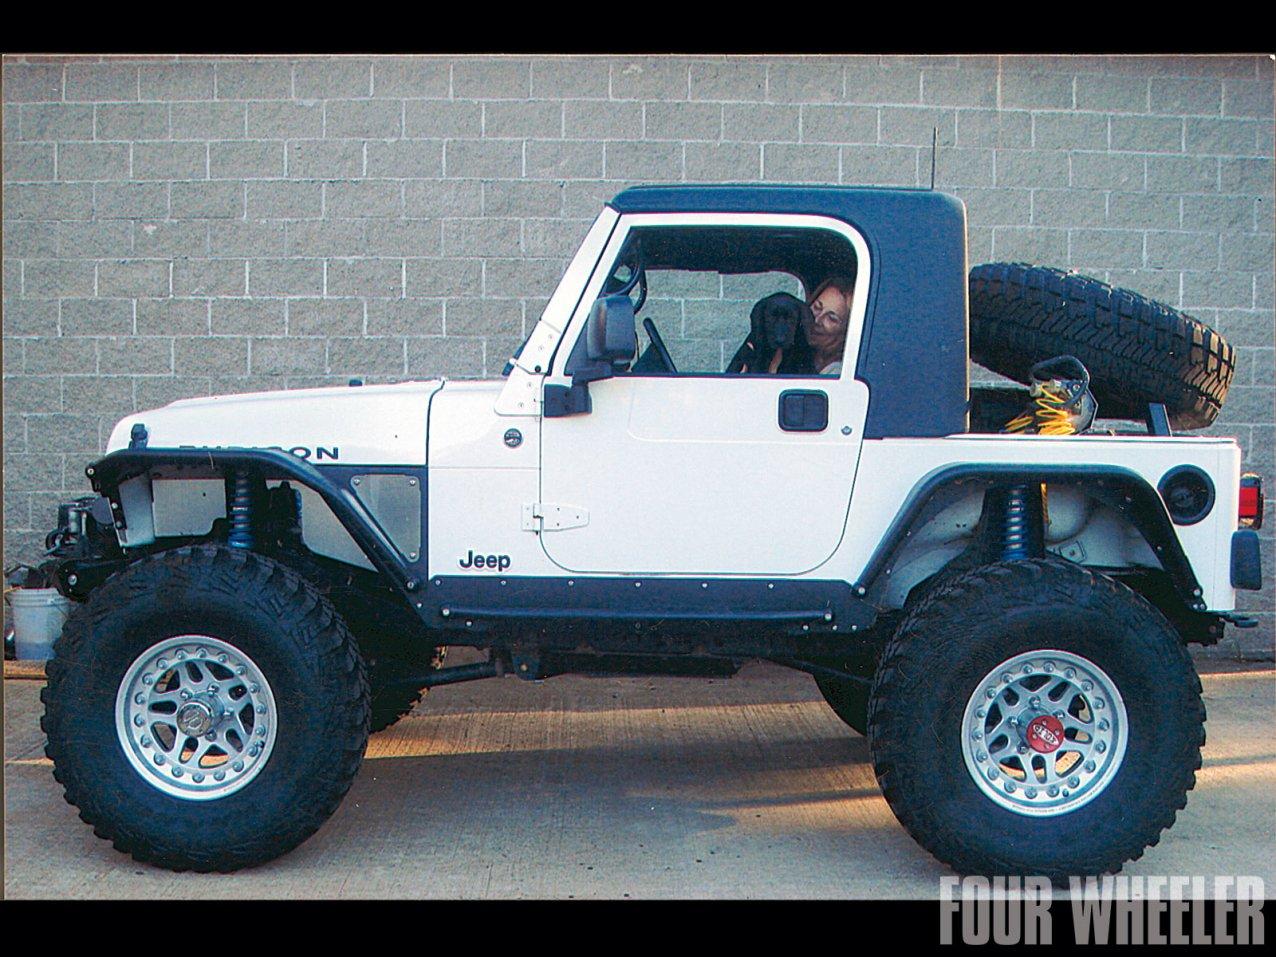 0129_1204_13-2012_top_truck_challenge_challengers-2006_jeep_wrangler.jpg